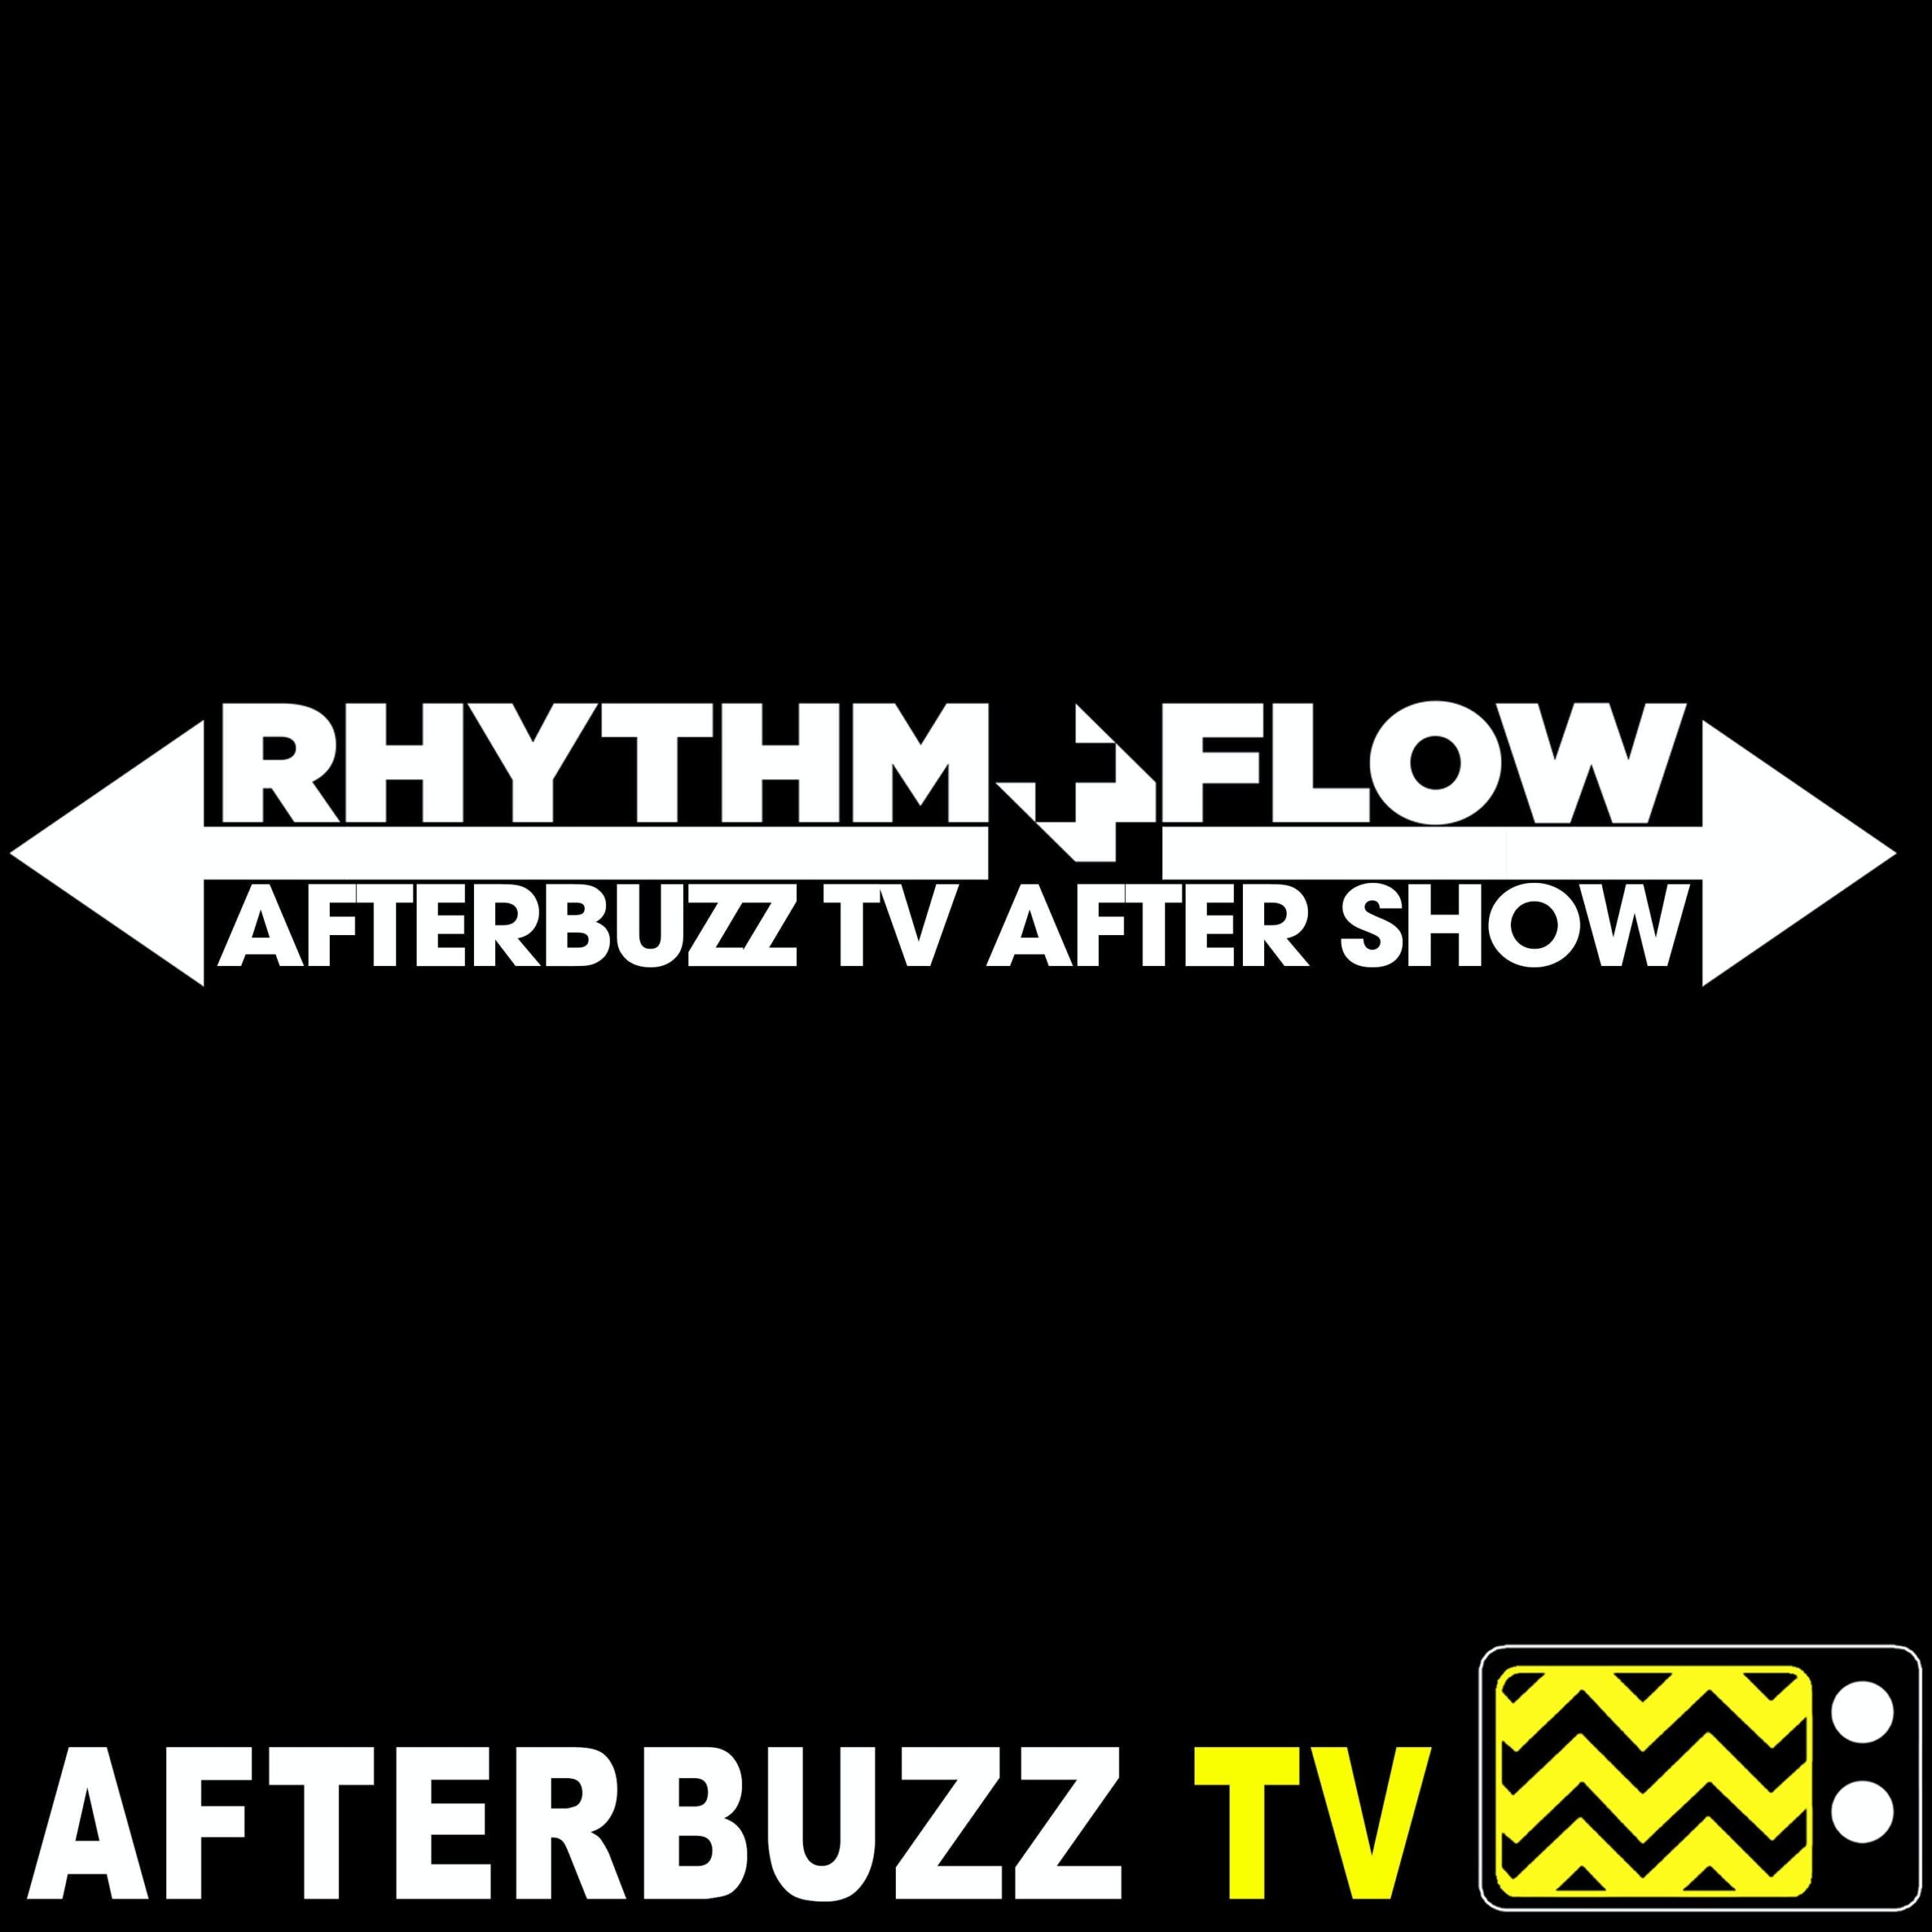 The Rhythm & Flow Podcast